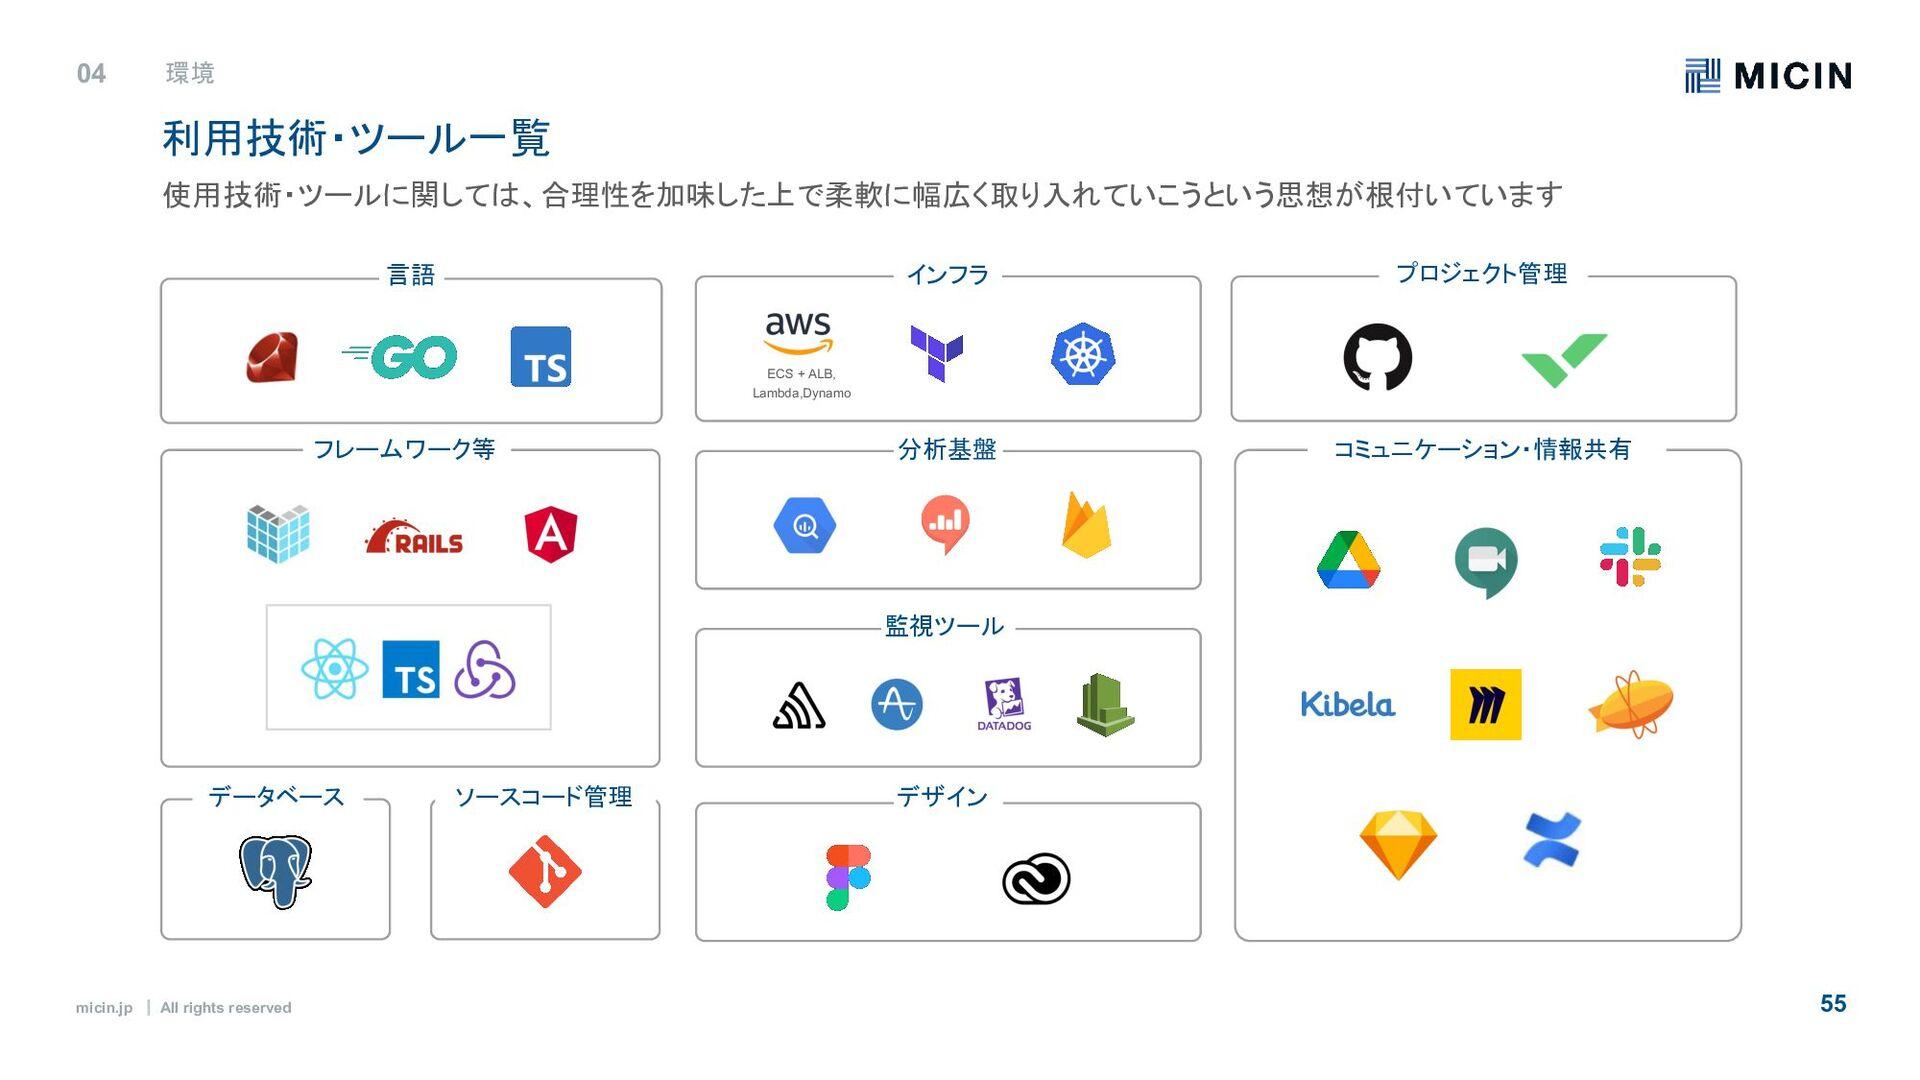 micin.jp ʛ All rights reserved 55 W O R K I N G...